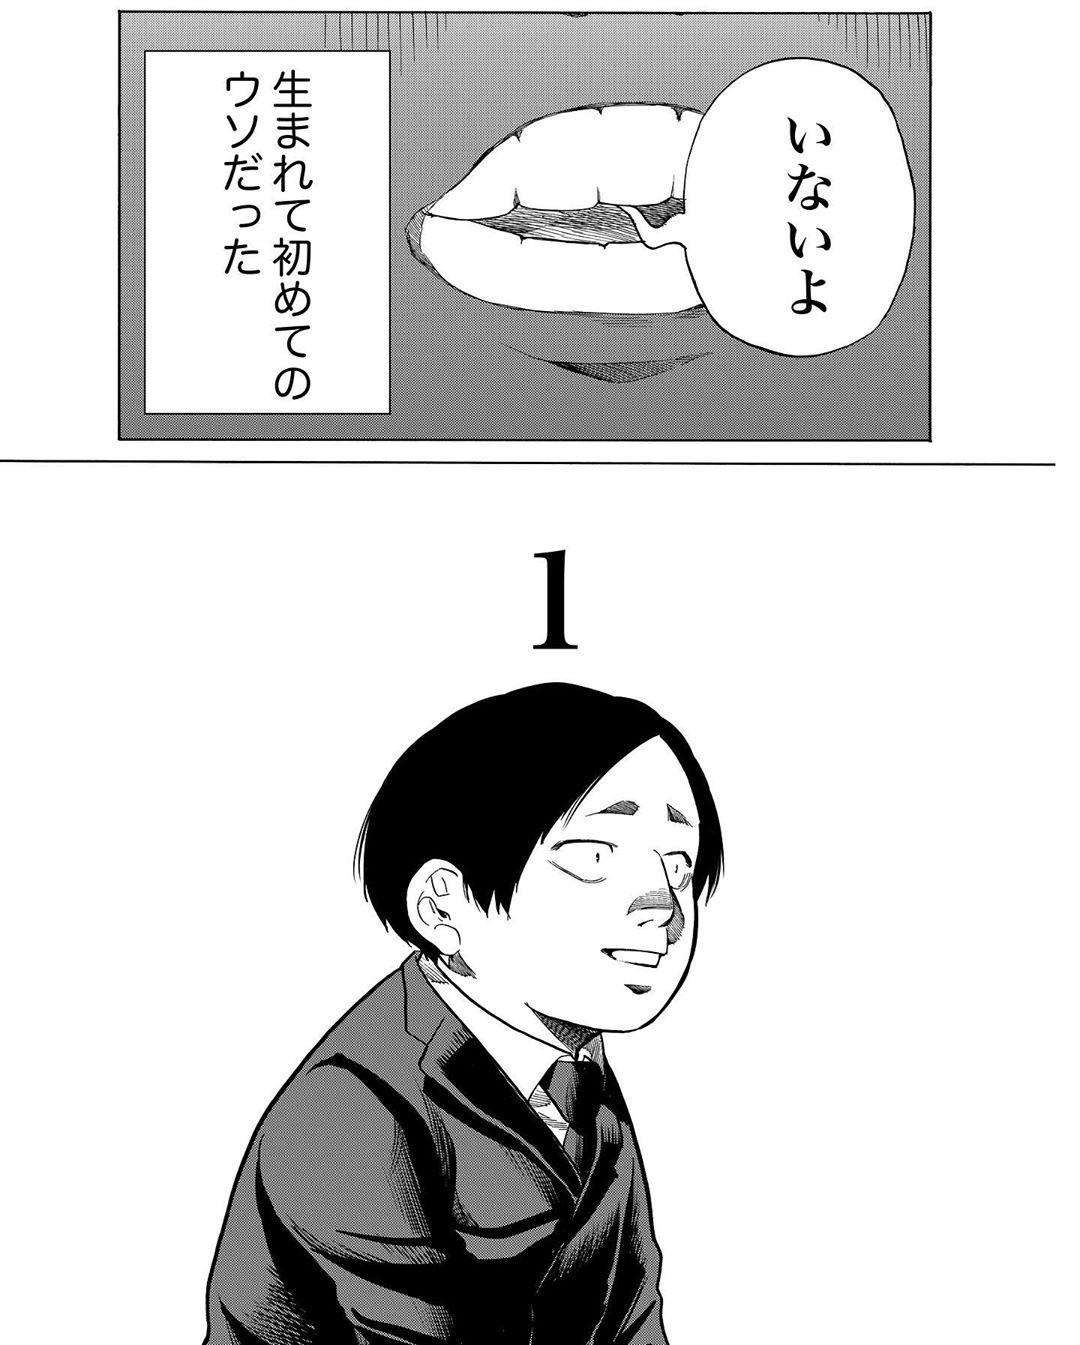 kawakamidaishirou_87569852_670545210423867_1905410727526739382_n